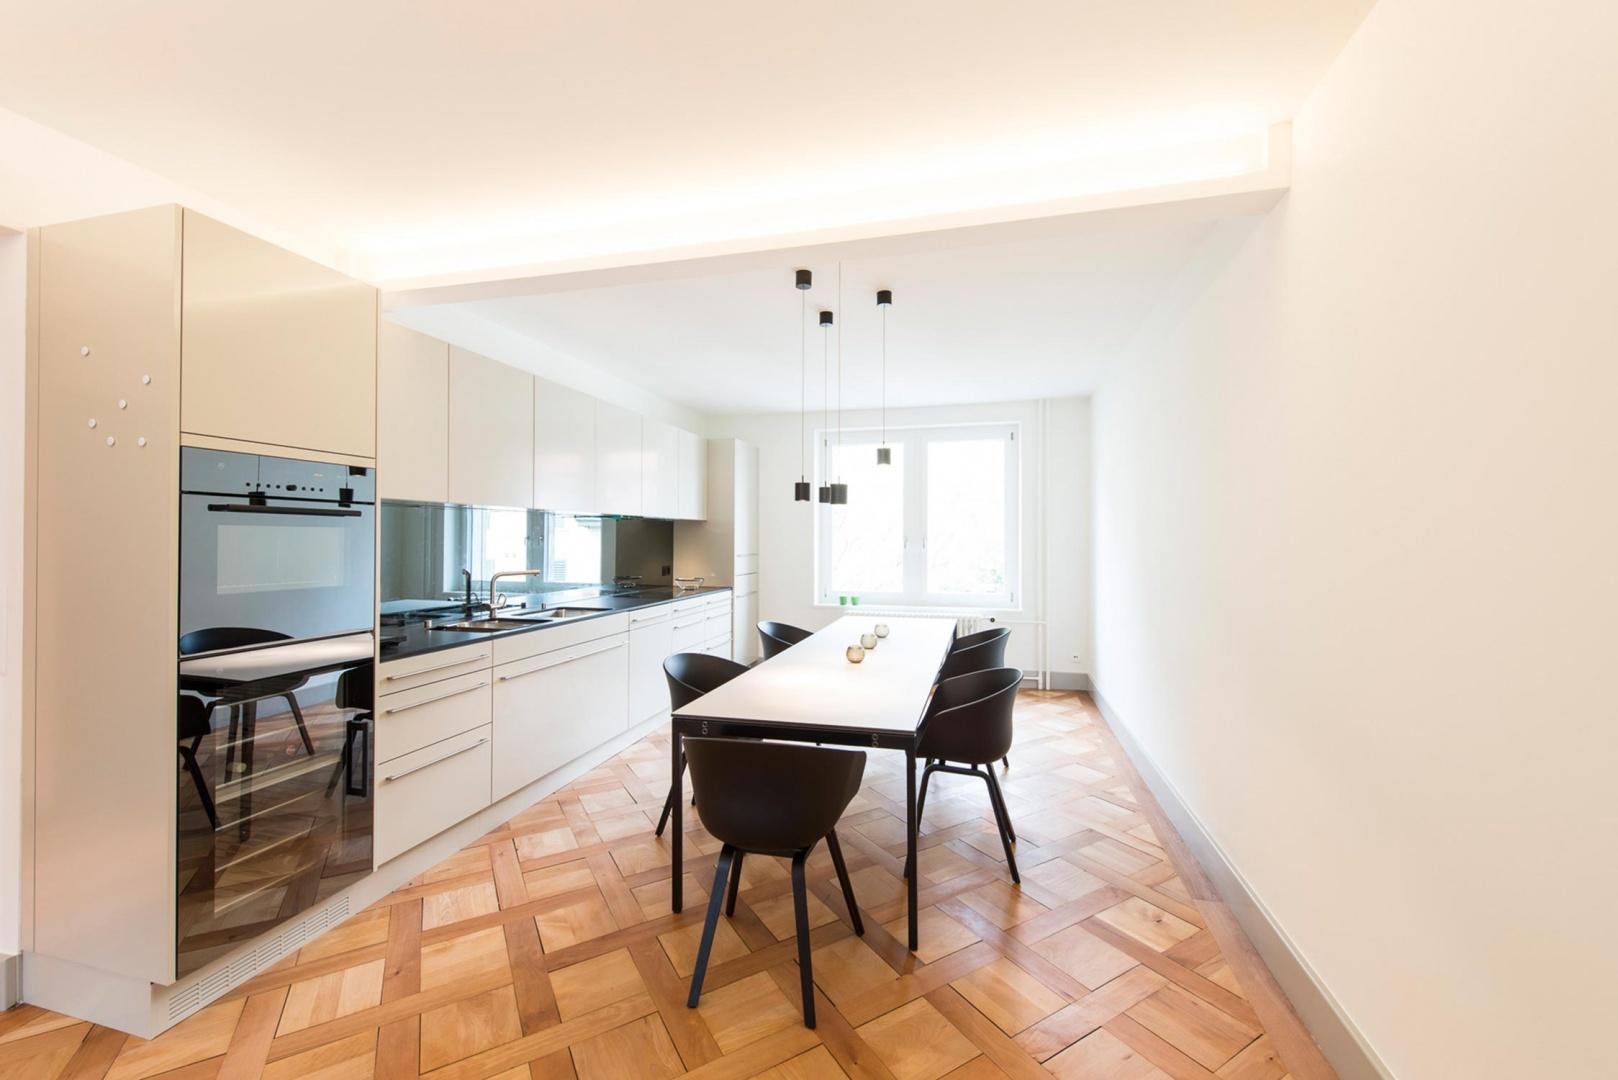 altbau nach mass umbau jugendstilwohnung schweizer baudokumentation. Black Bedroom Furniture Sets. Home Design Ideas